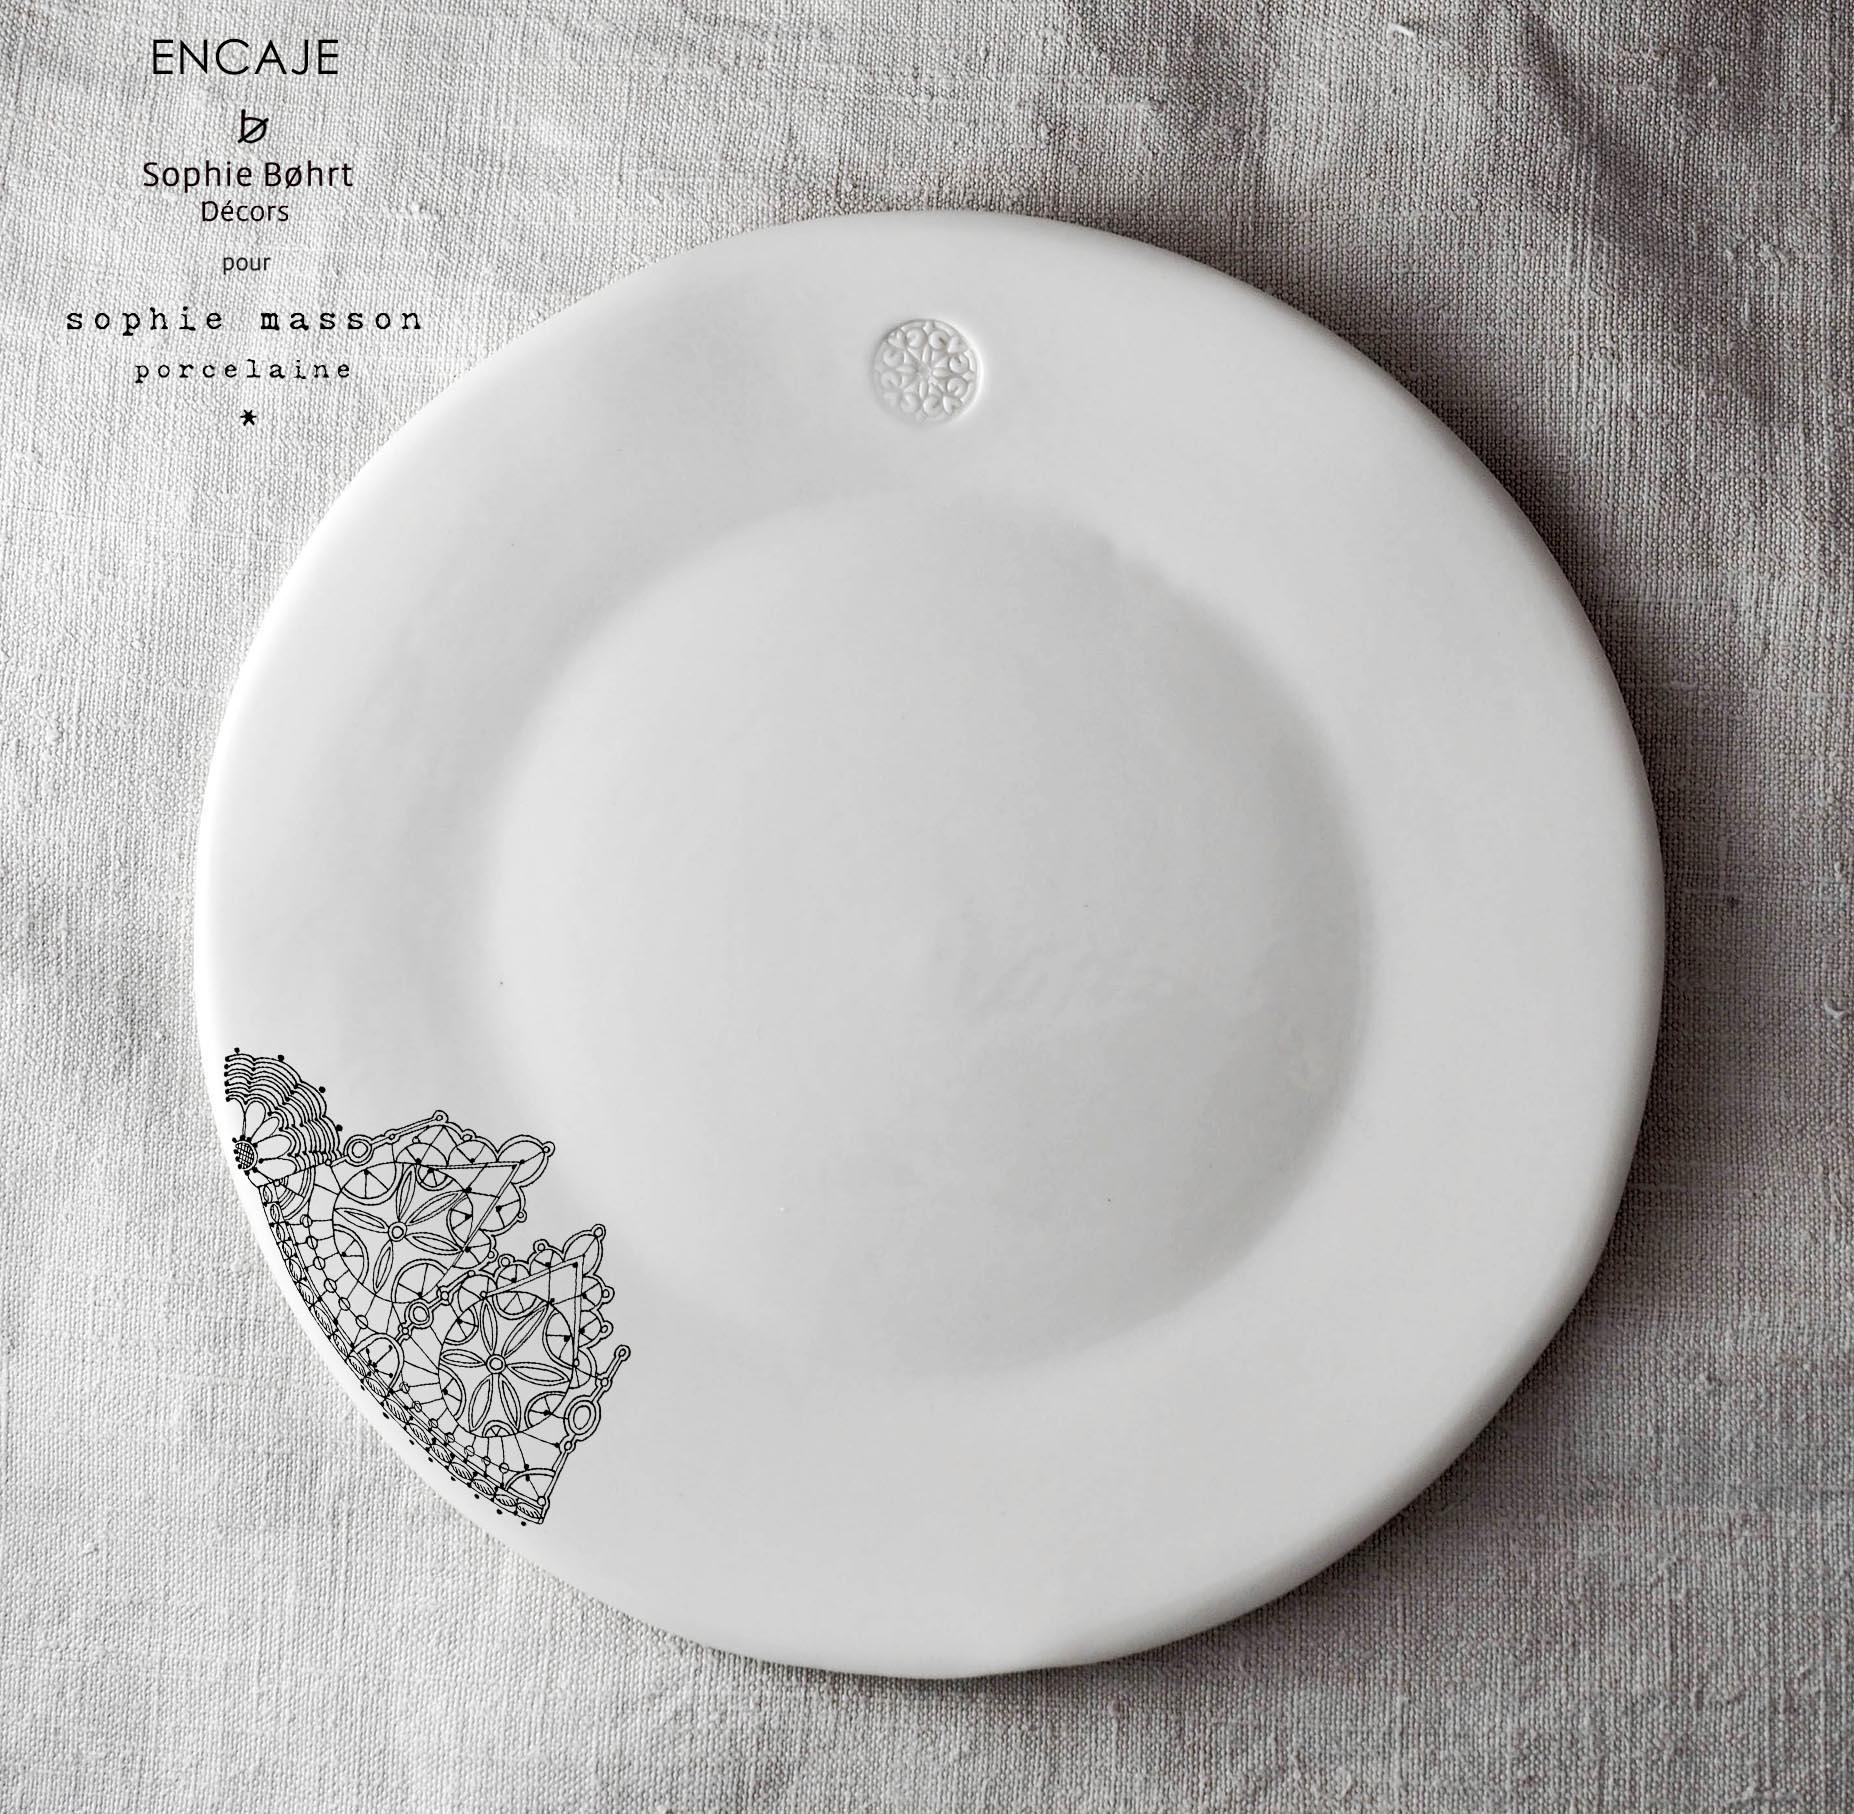 SOPHIE-MASSON-dessert-ENCAJE-ESTAMPILLE.jpg